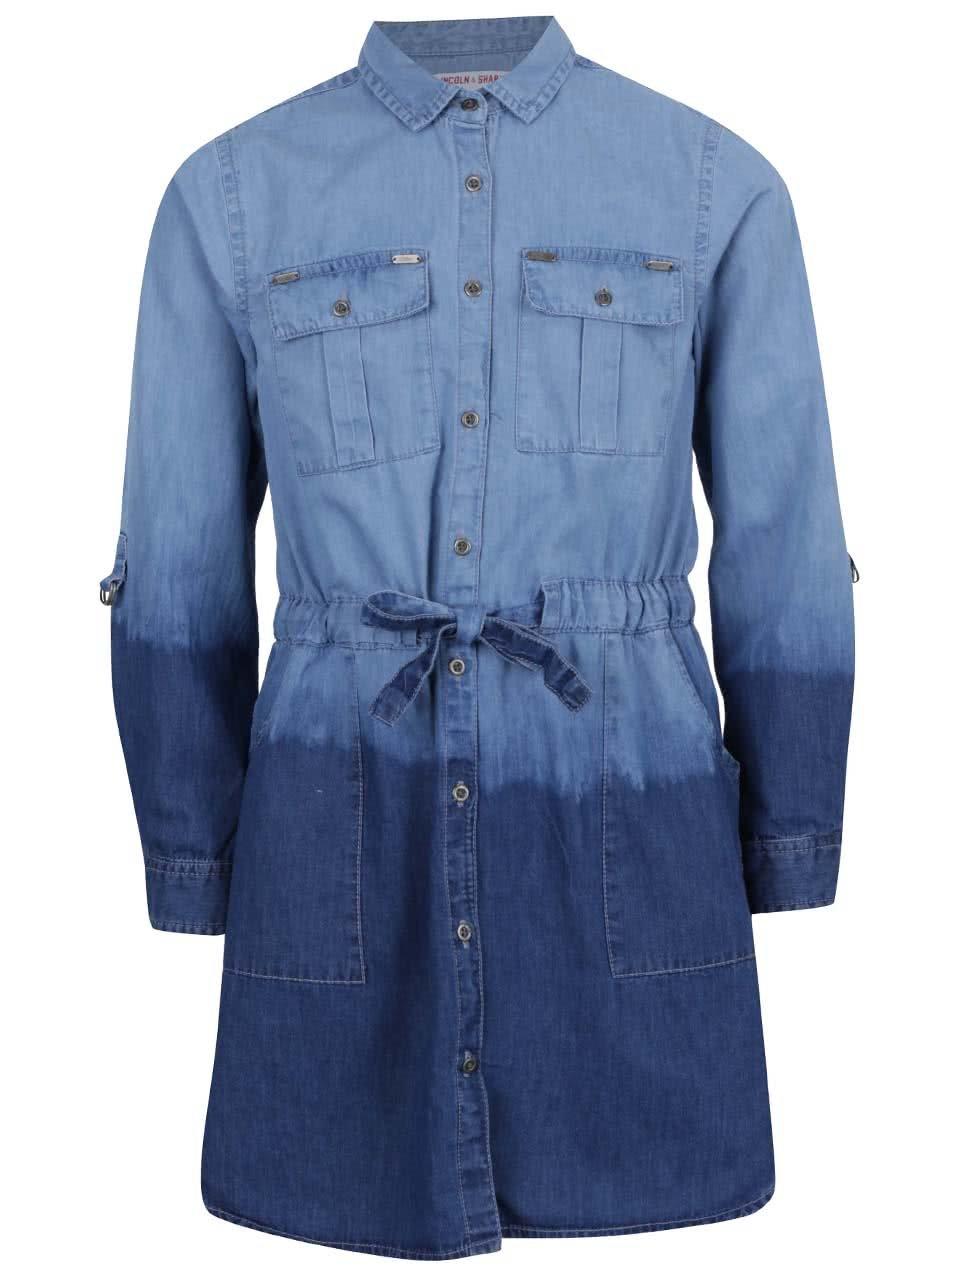 Modré holčičí džínové košilové šaty s ombré efektem 5.10.15.